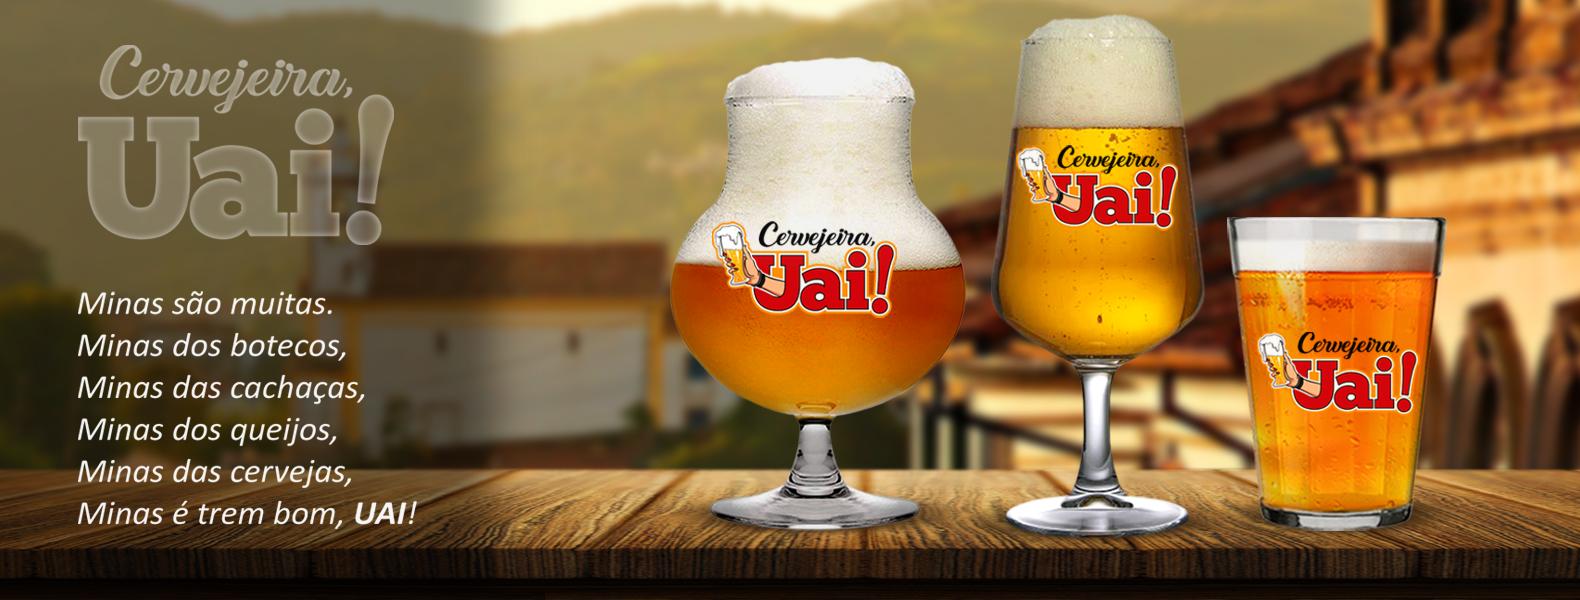 banner cervejeira uai copos